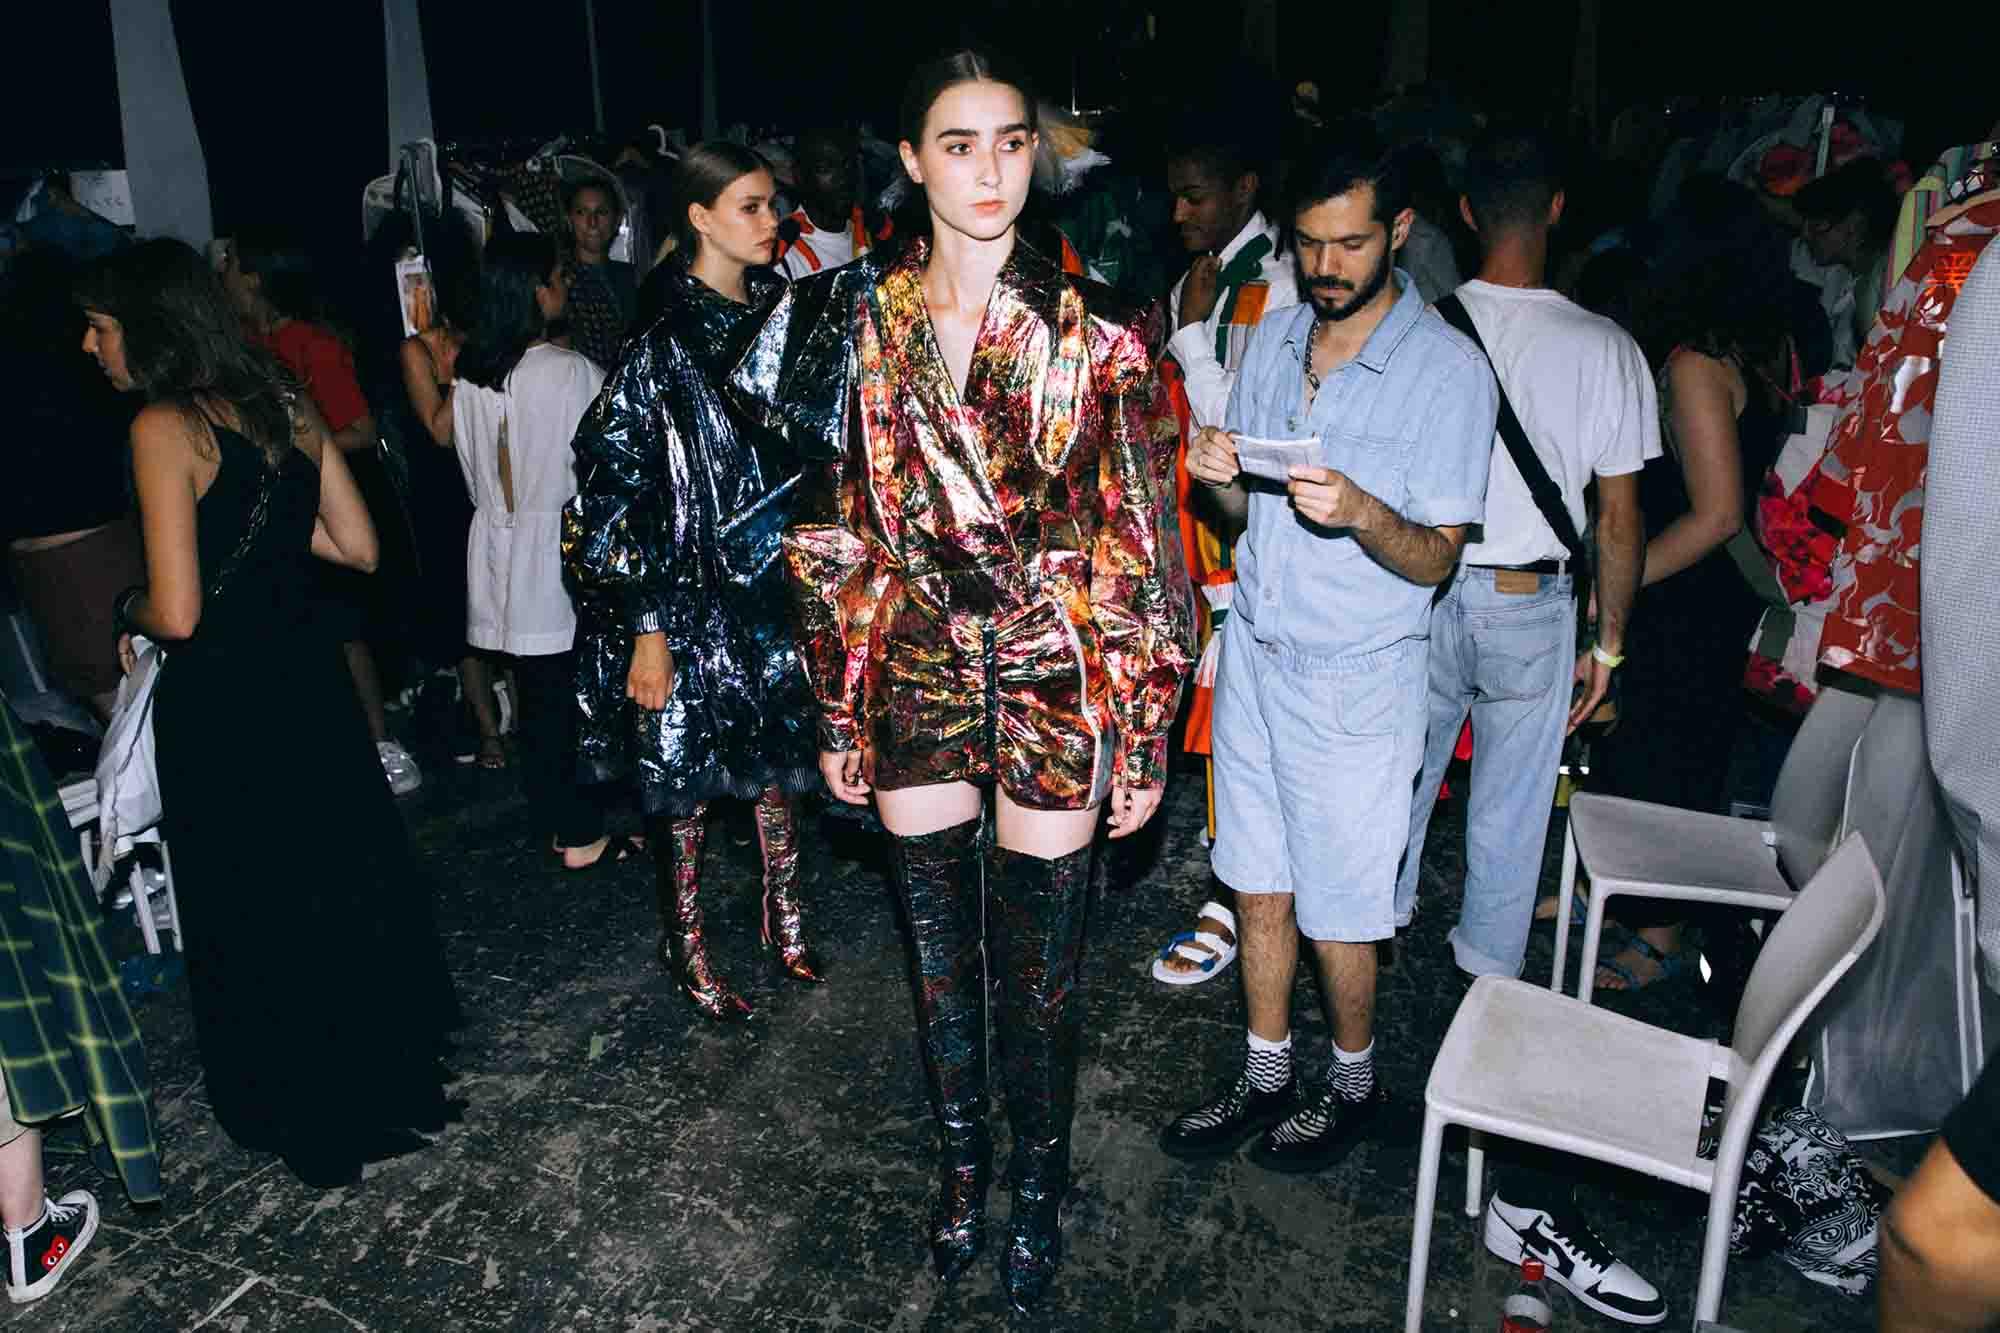 אופנה, חדשות אופנה, כתבות אפנה, שנקר 2019, אבי עמרם, Backstage_at_Shenkar_fashion_show_2019._Photo_Adi_Segal_-_Avy_Amram_(2)